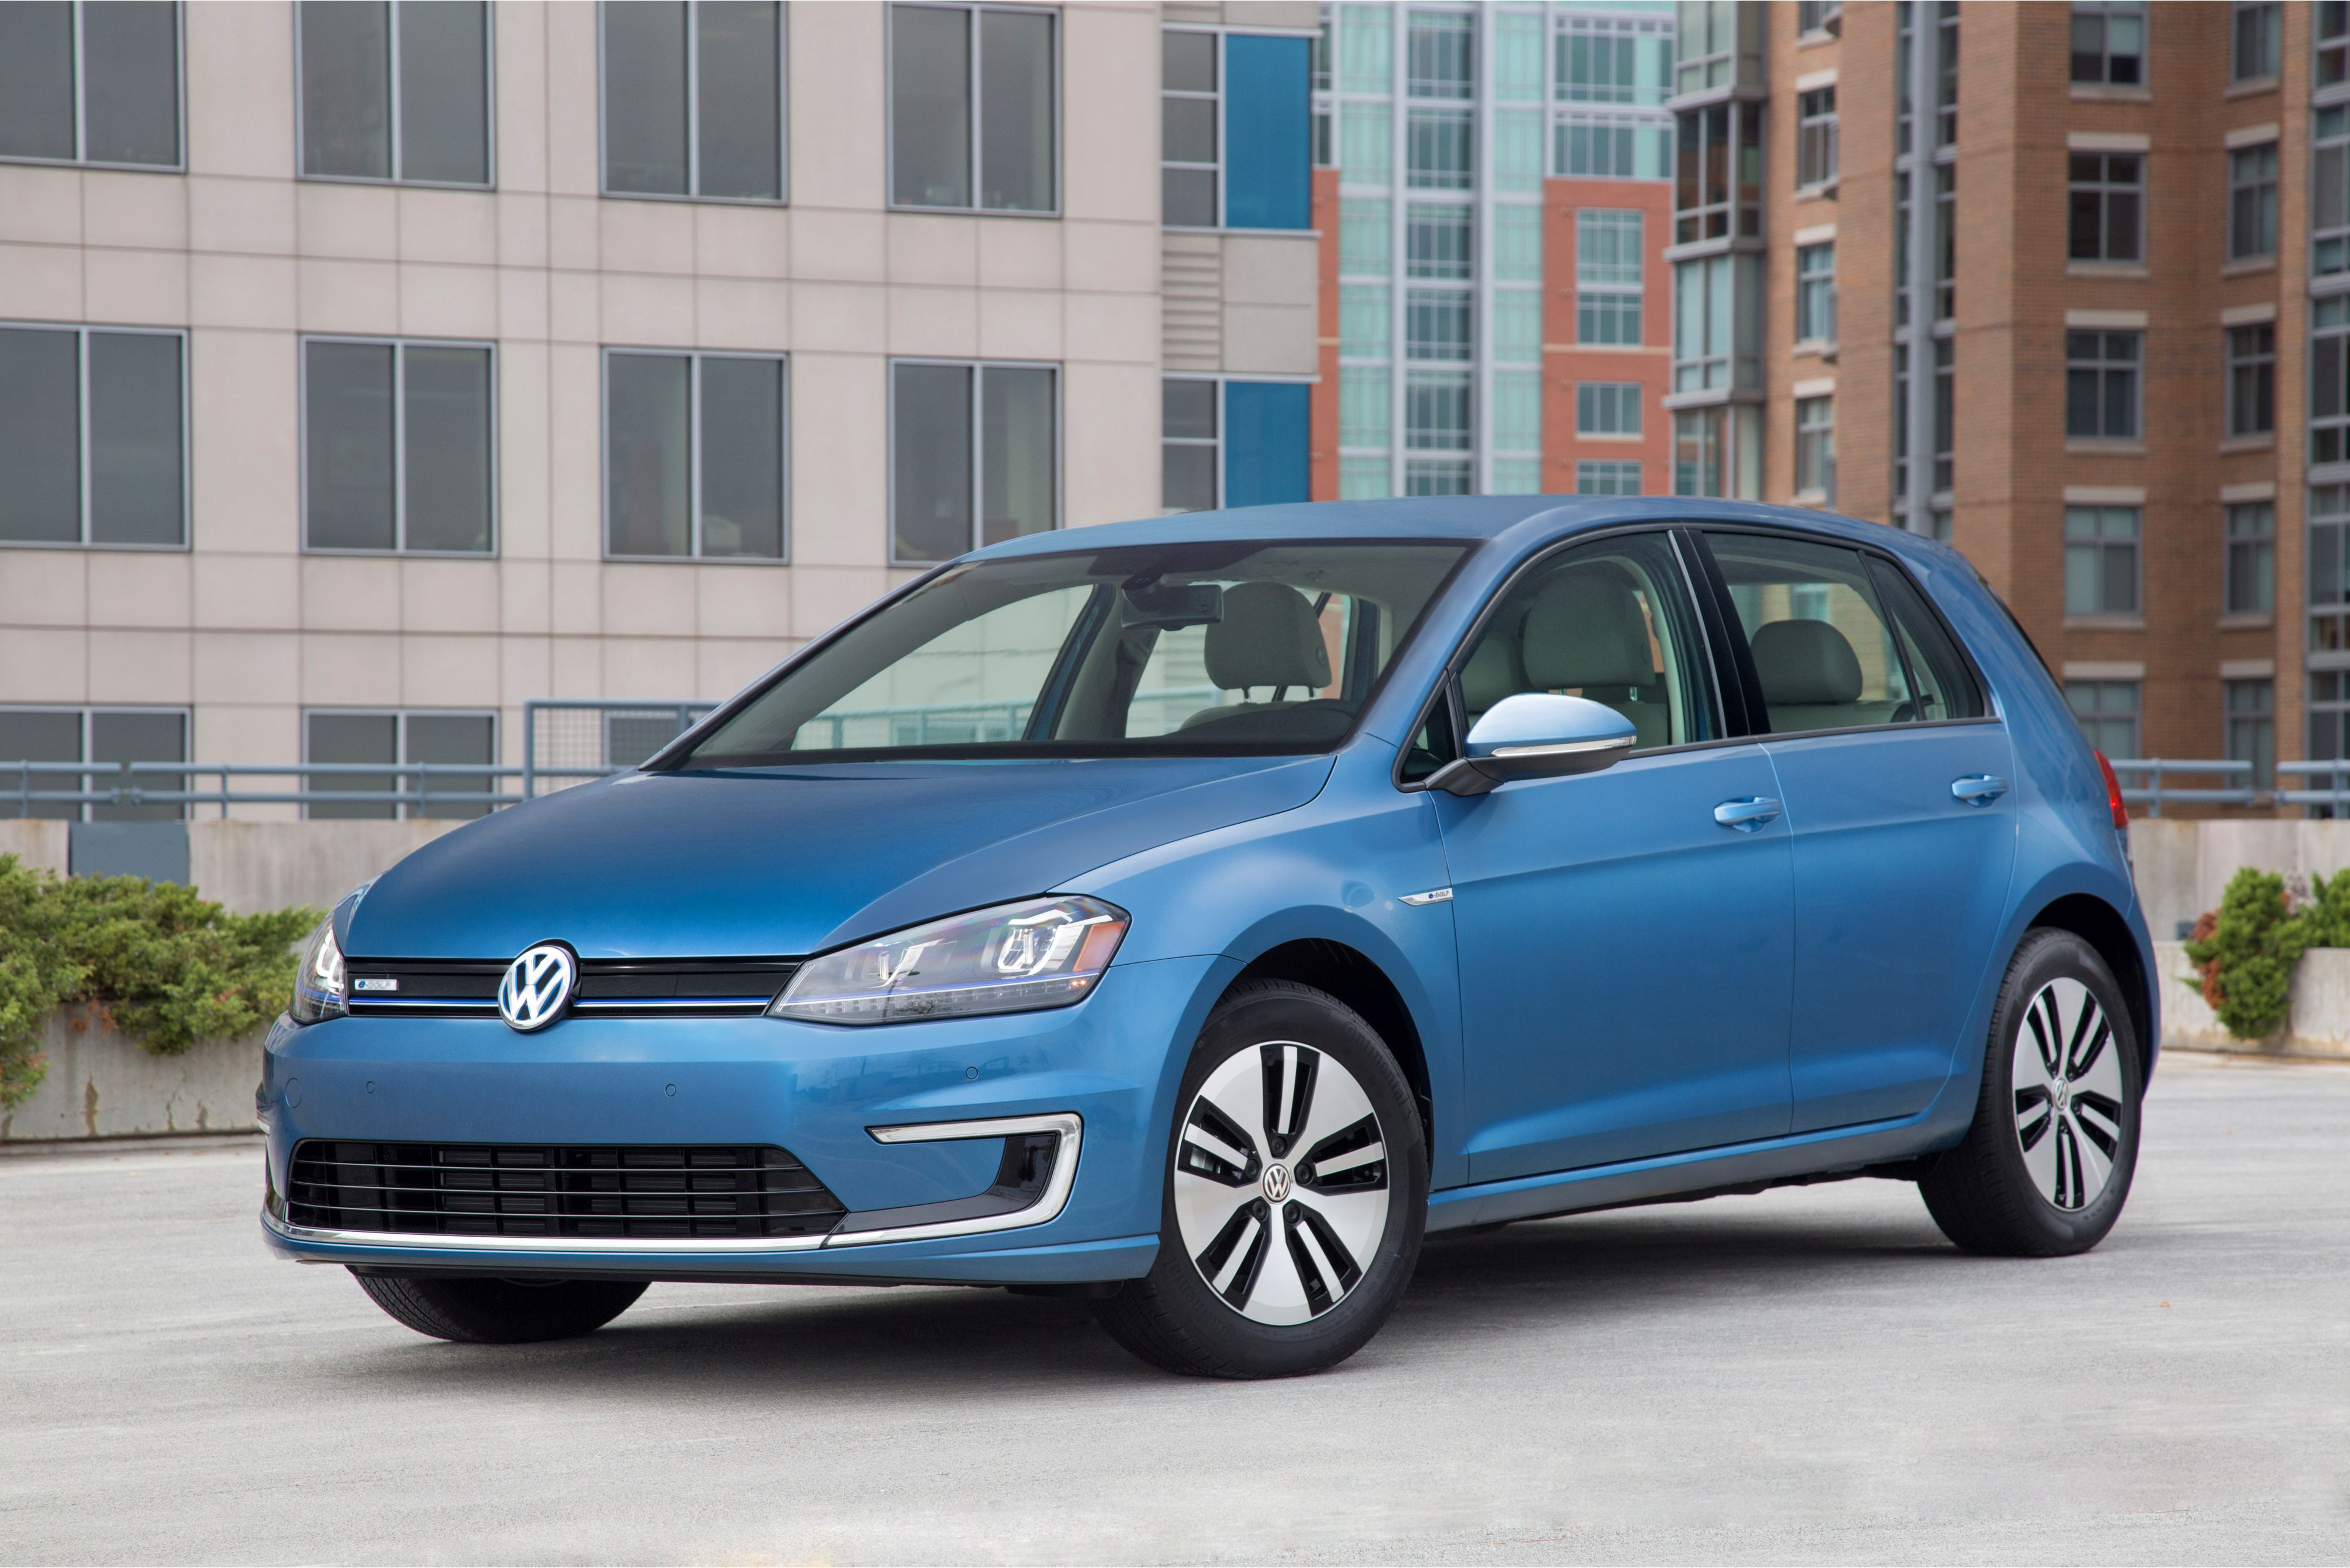 Volkswagen E-Golf Arrives at Dealerships